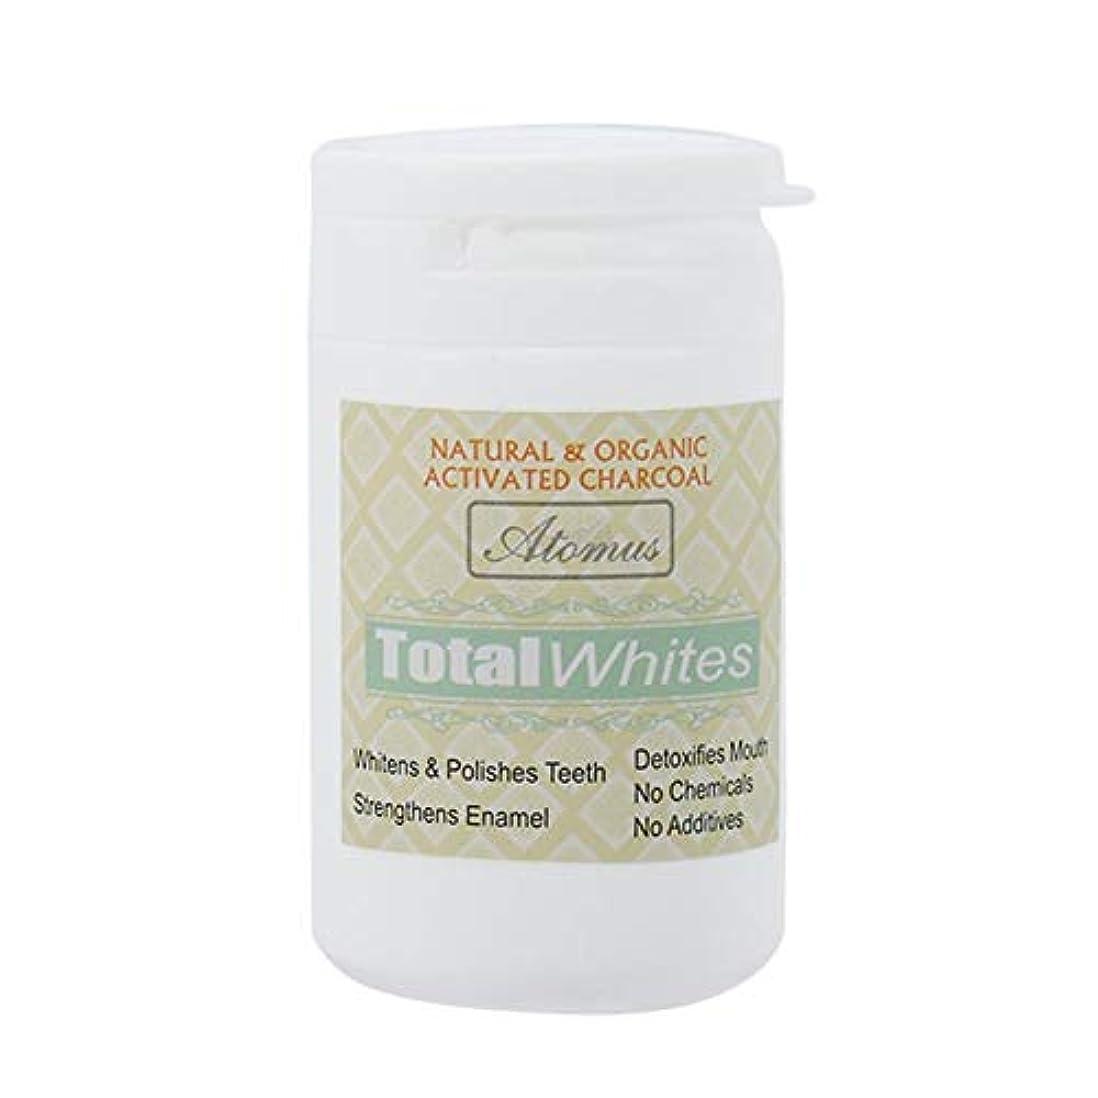 伝染性のジョットディボンドン種歯のホワイトニングパウダー、活性炭の歯のホワイトナーパウダー - 有機安全で効果的なホワイトナーの解決策 - ホワイトニングの歯とフレッシュな息